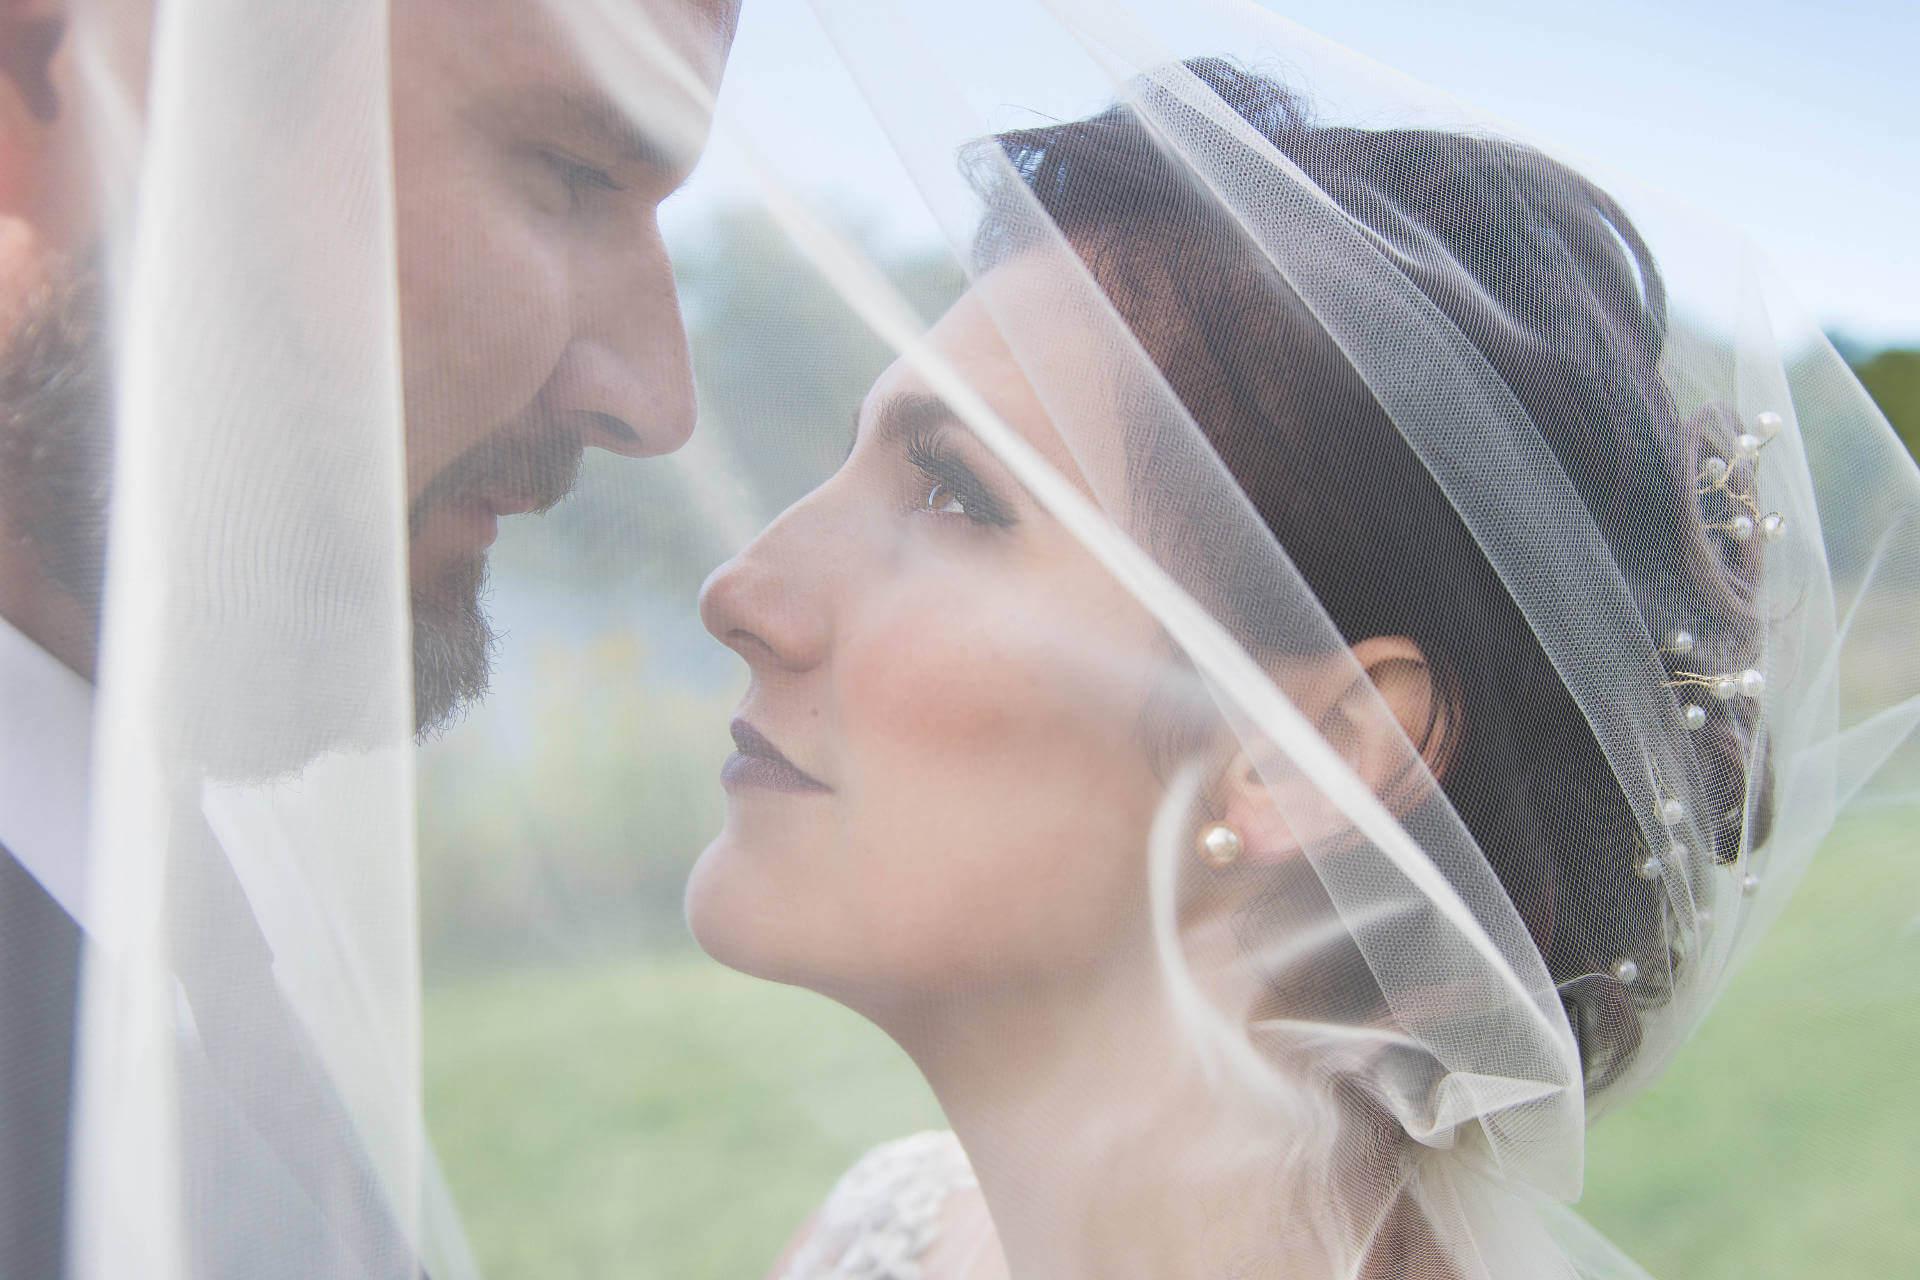 Intense Look Between Bride and Groom Under Veil   Kropp Photography - Wedding Photography Portfolio